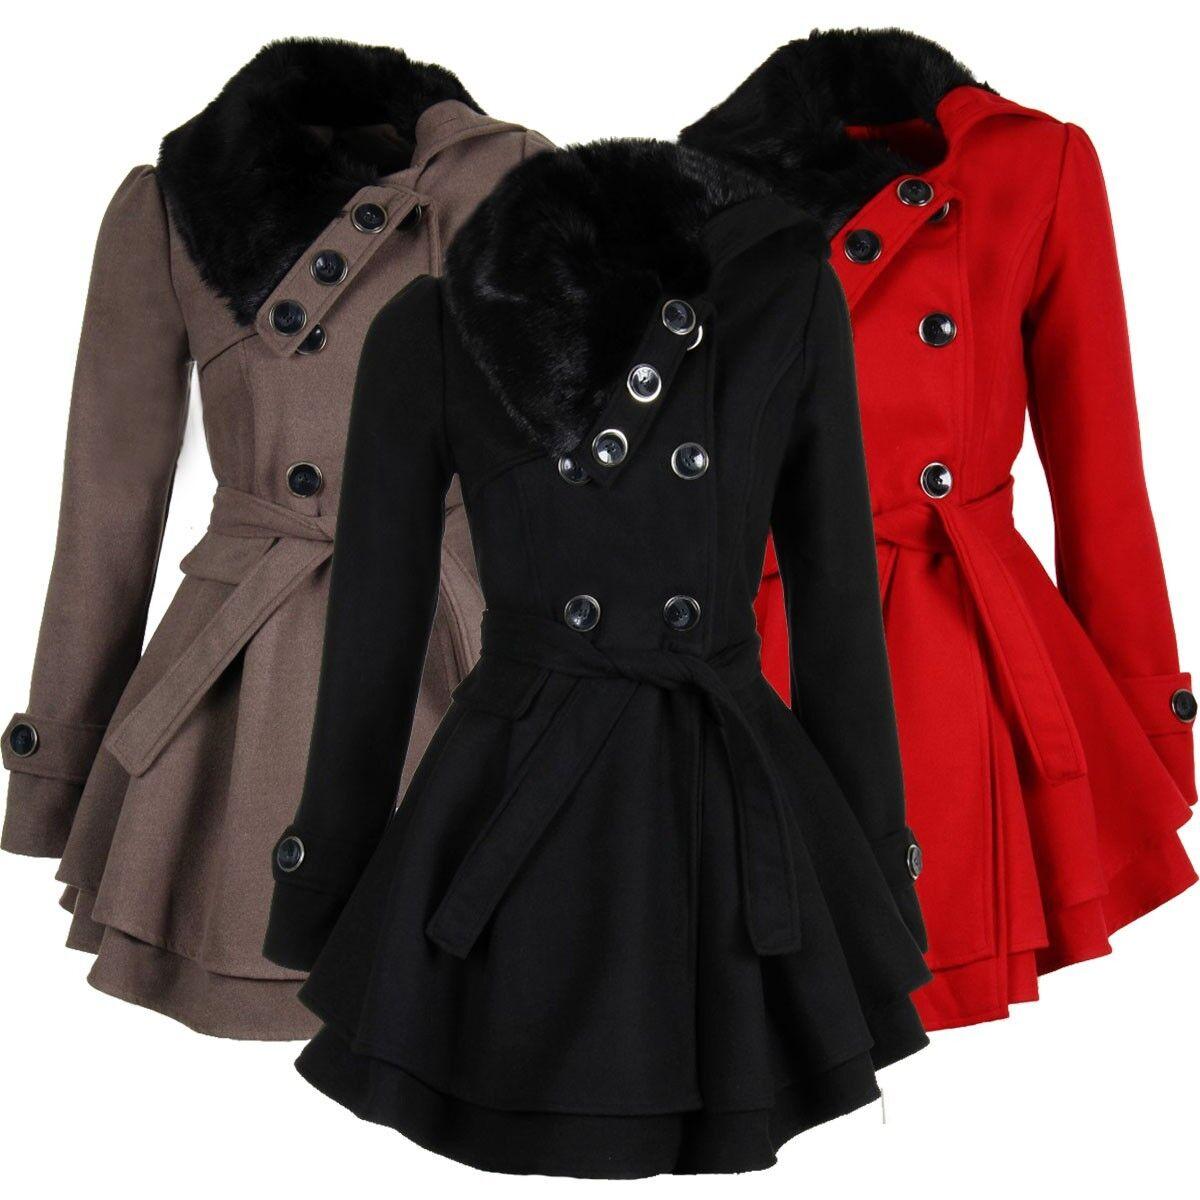 Laeticia Dreams Damen Mantel Jacke Winterjacke Mantel mit Fellkragen S M L XL